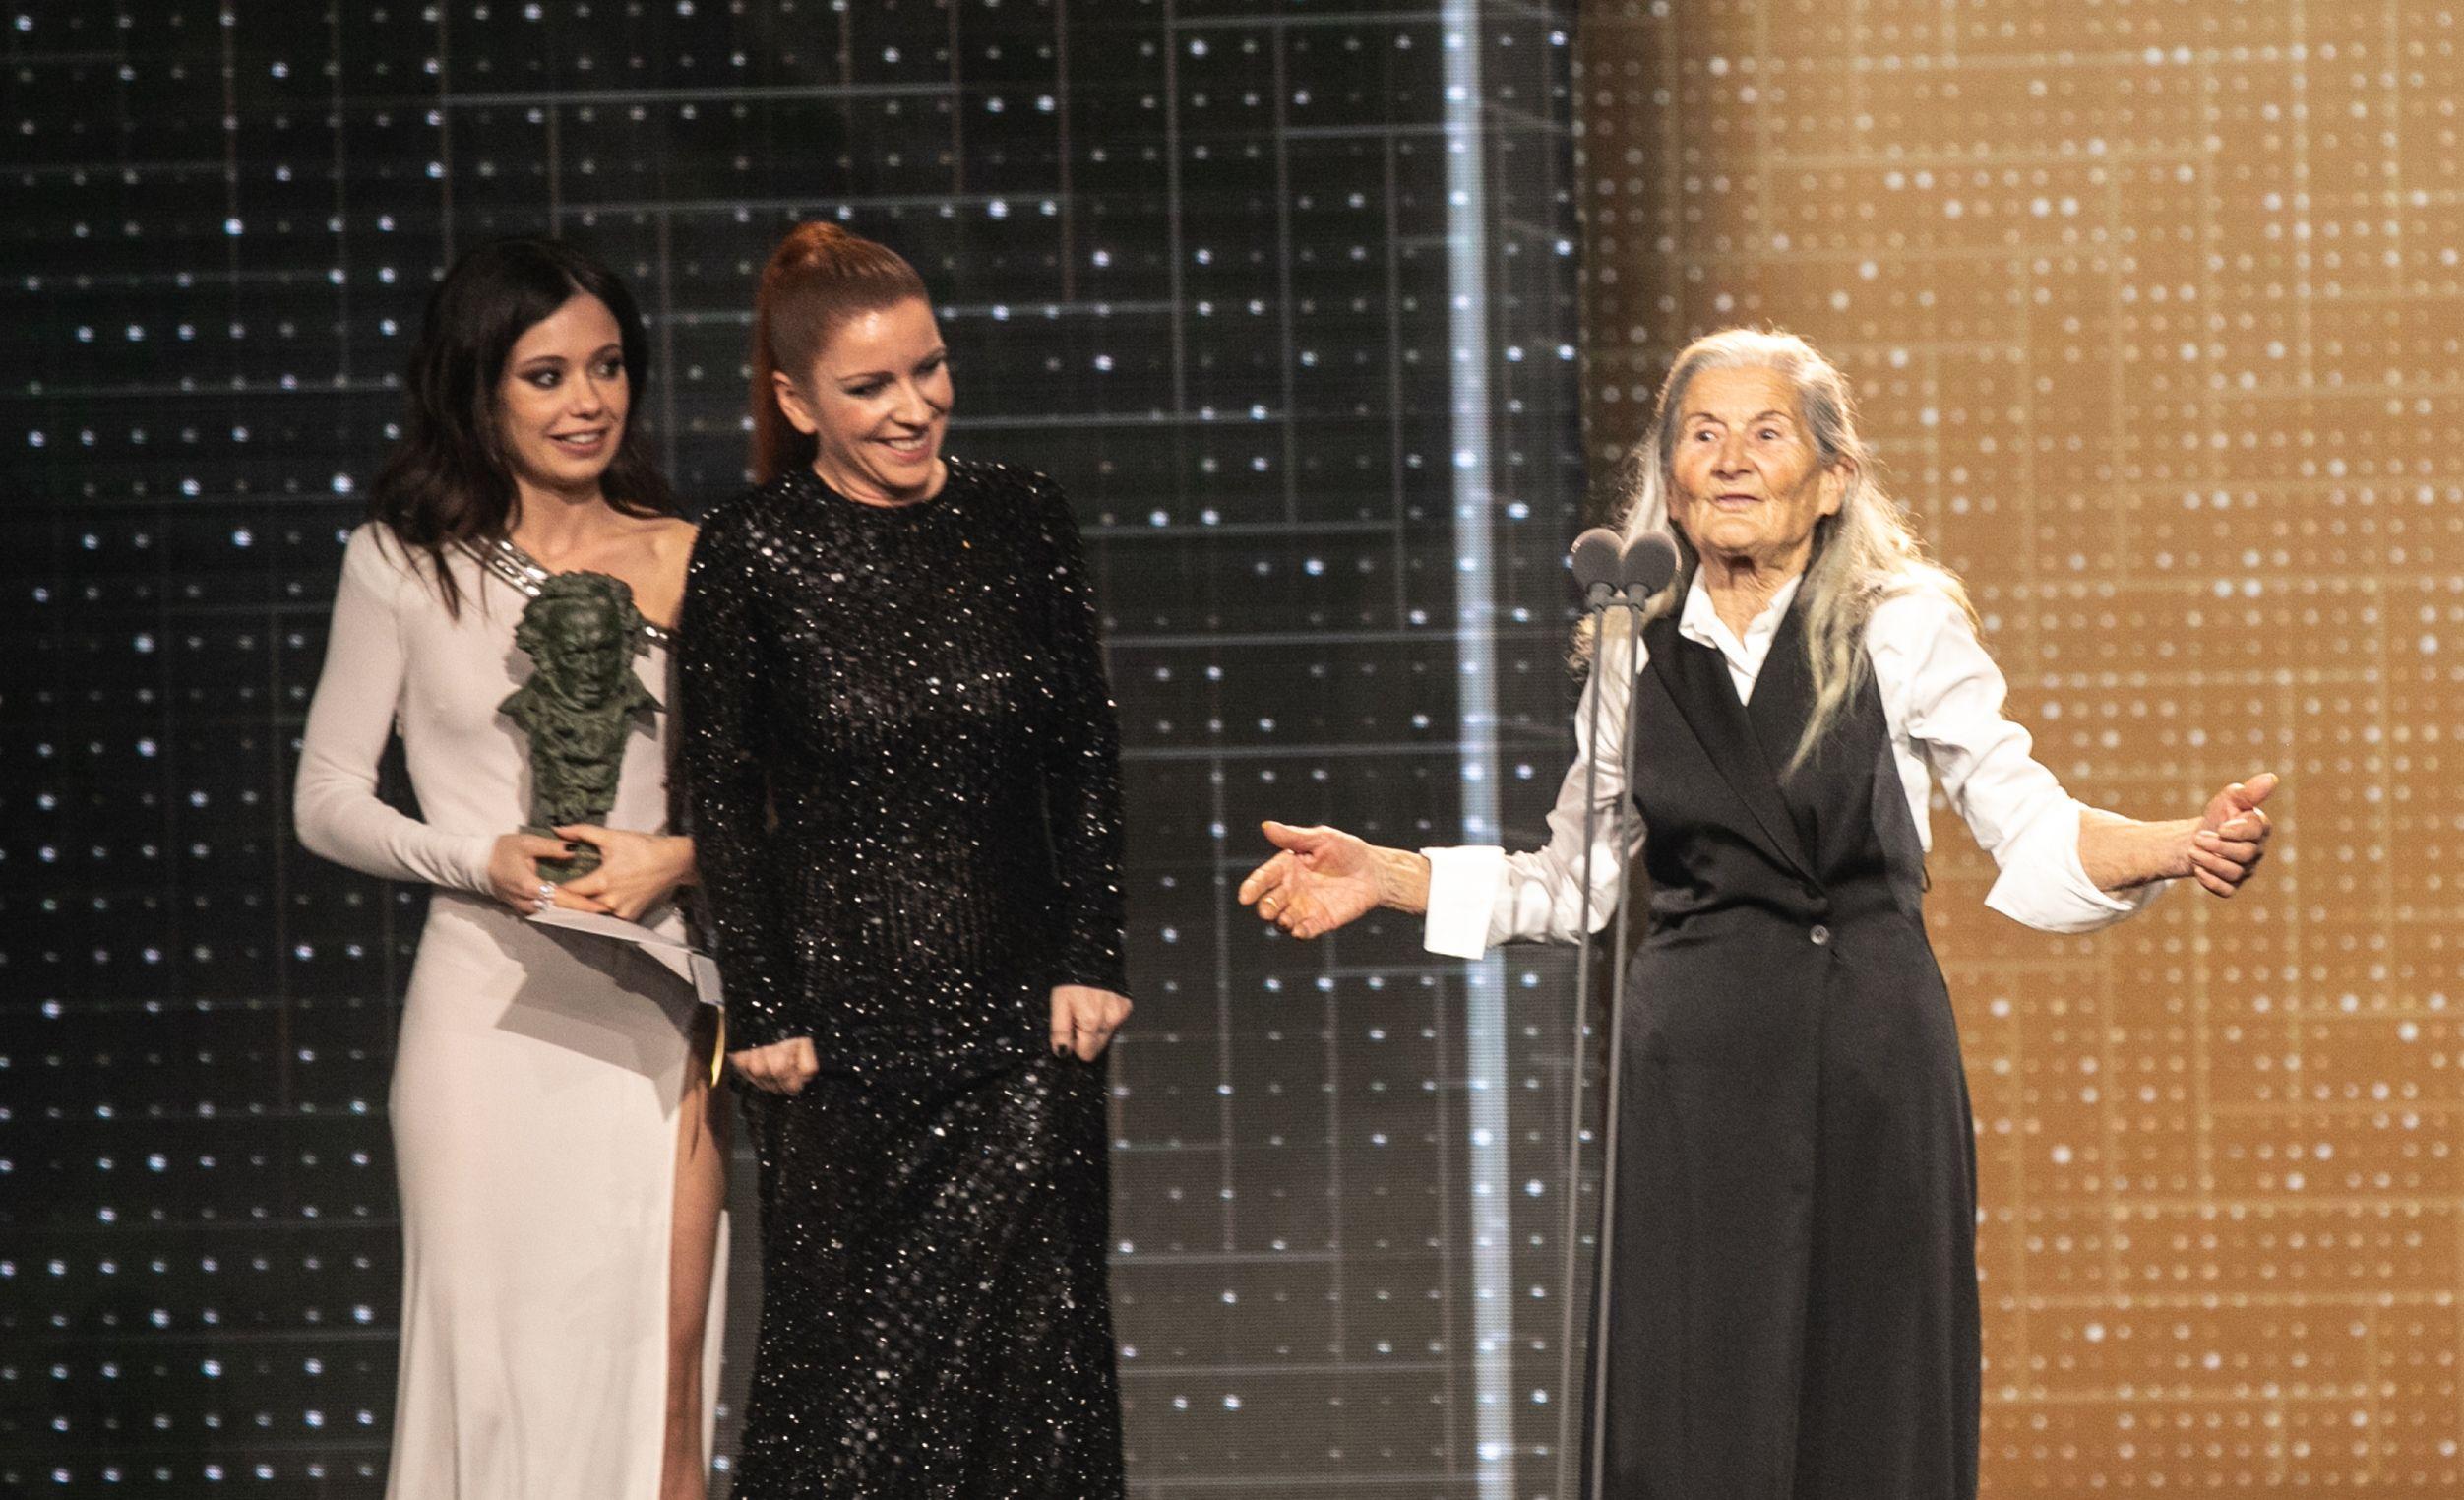 Ana Nominada Actriz Revelación Cine Porno benedicta sánchez, de 84 años, gana el goya a la mejor actriz revelación